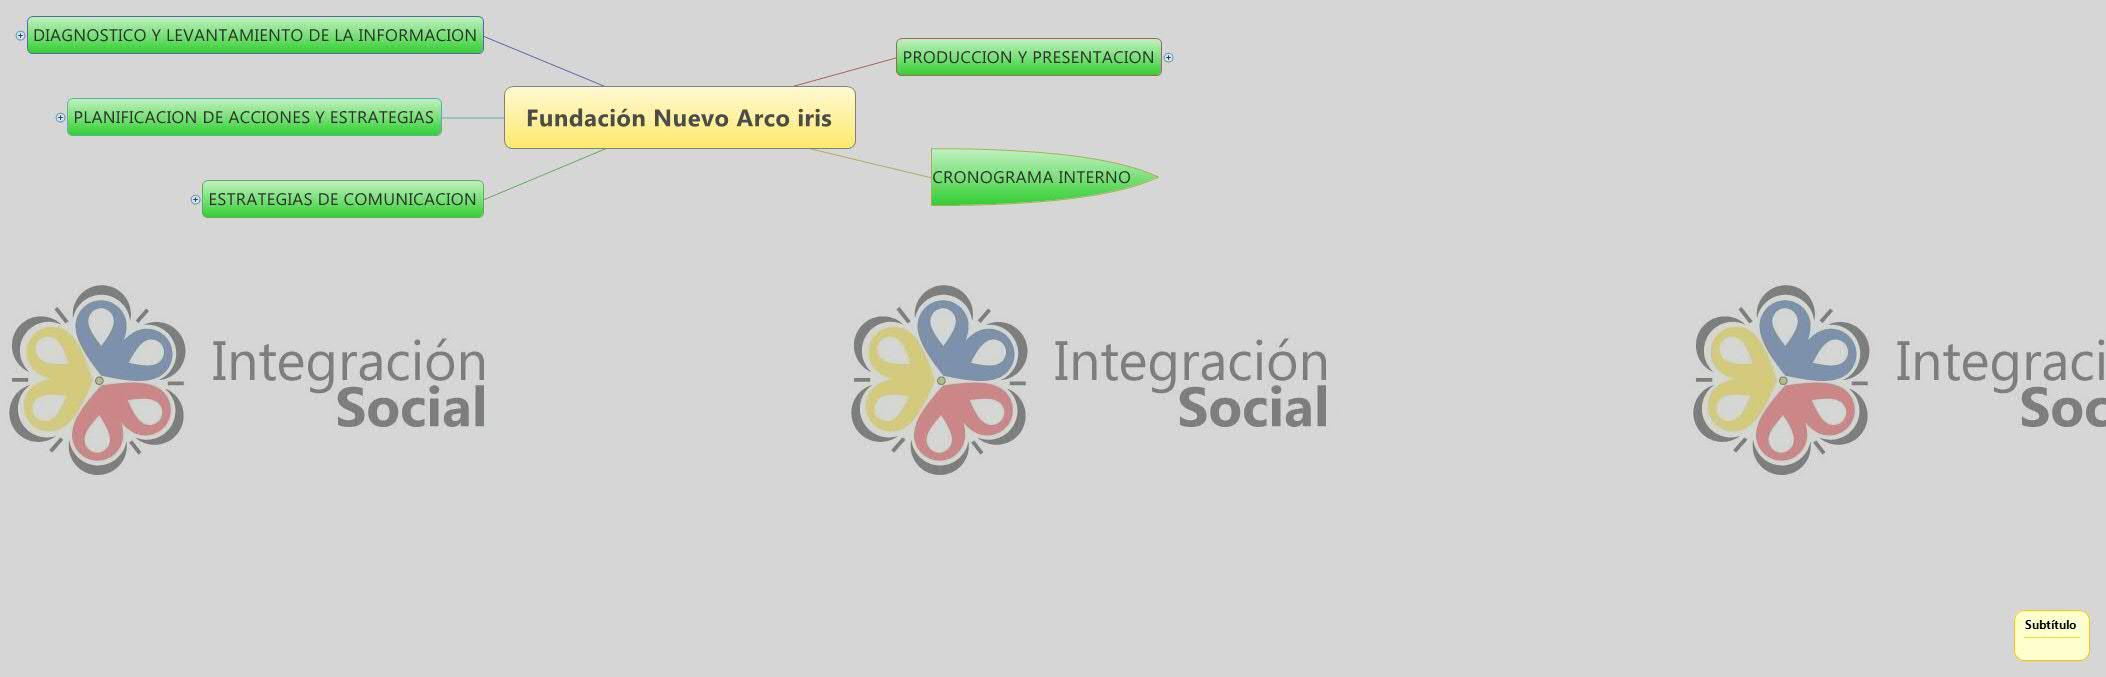 Fundación Nuevo Arco iris